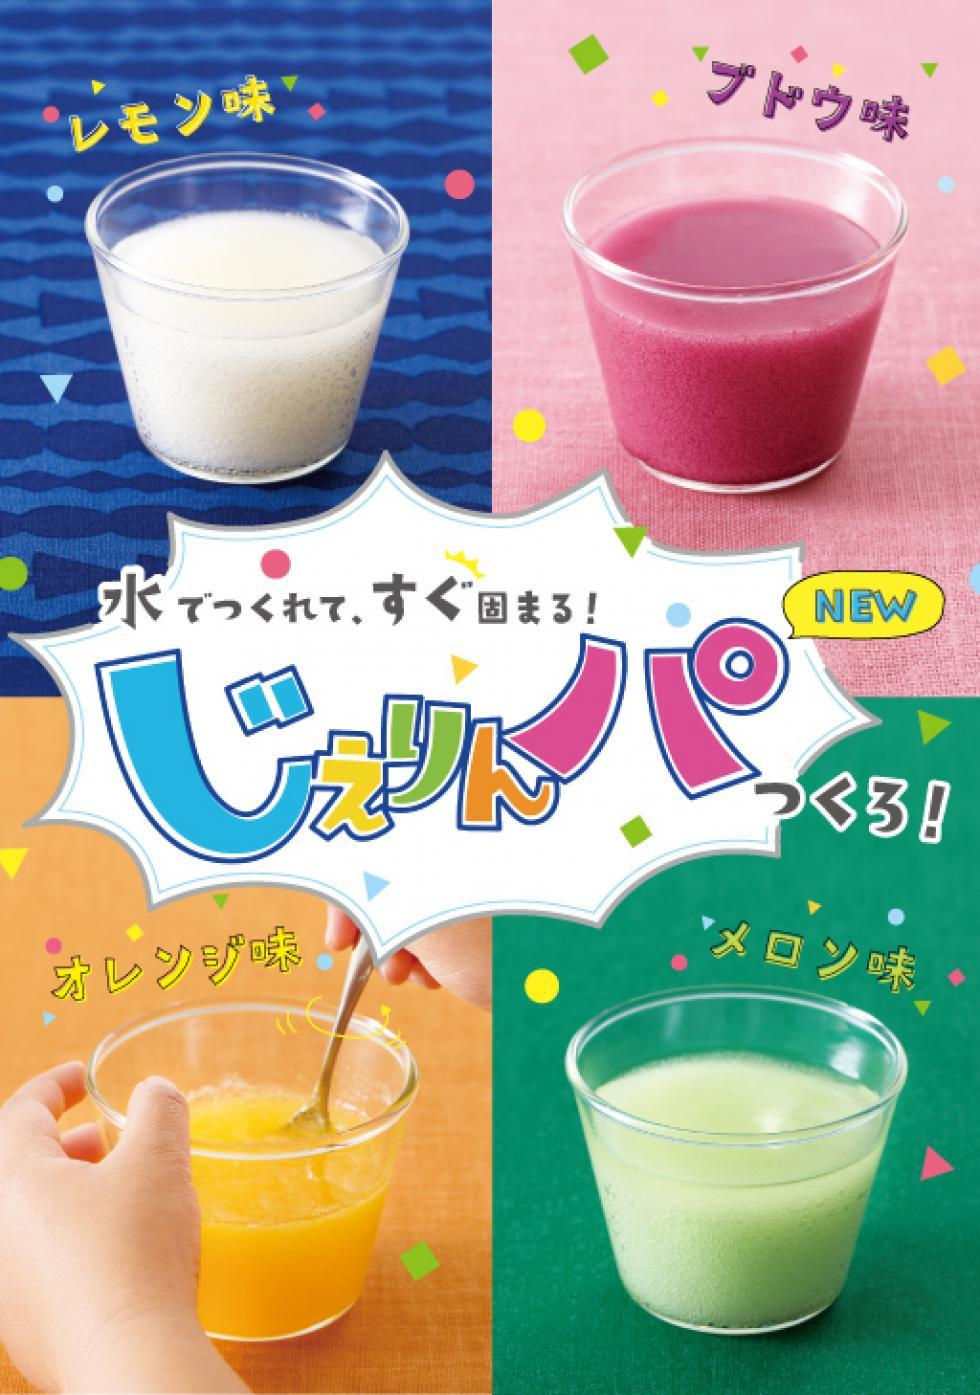 新商品「じぇりんパ4色セット」が発売になりました!